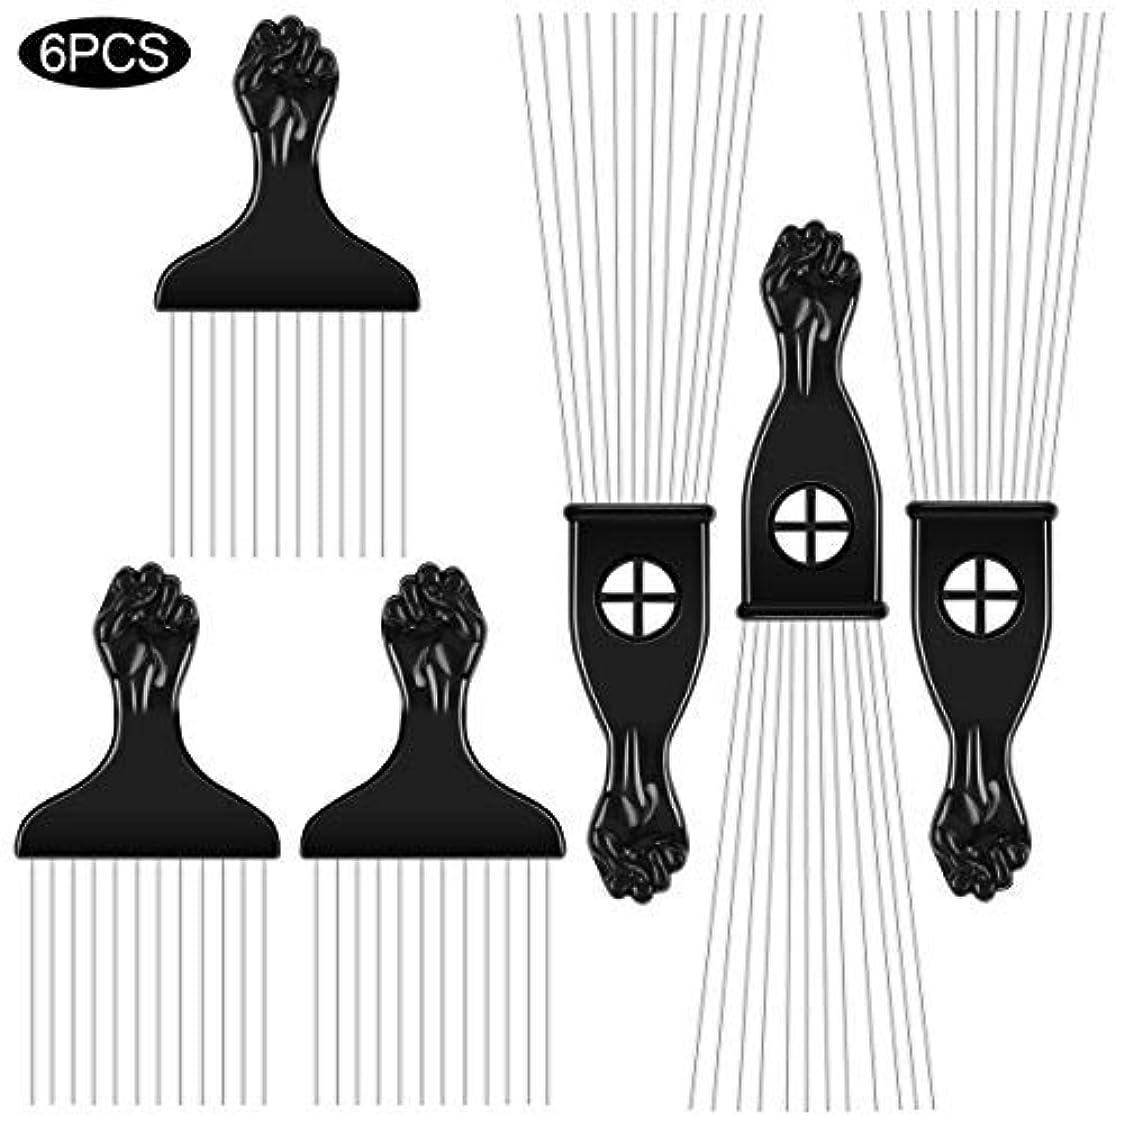 貫通する燃やすコーンウォール6PCS Afro Combs Metal African American black Fist Pick Comb Hairdressing Styling Tool [並行輸入品]